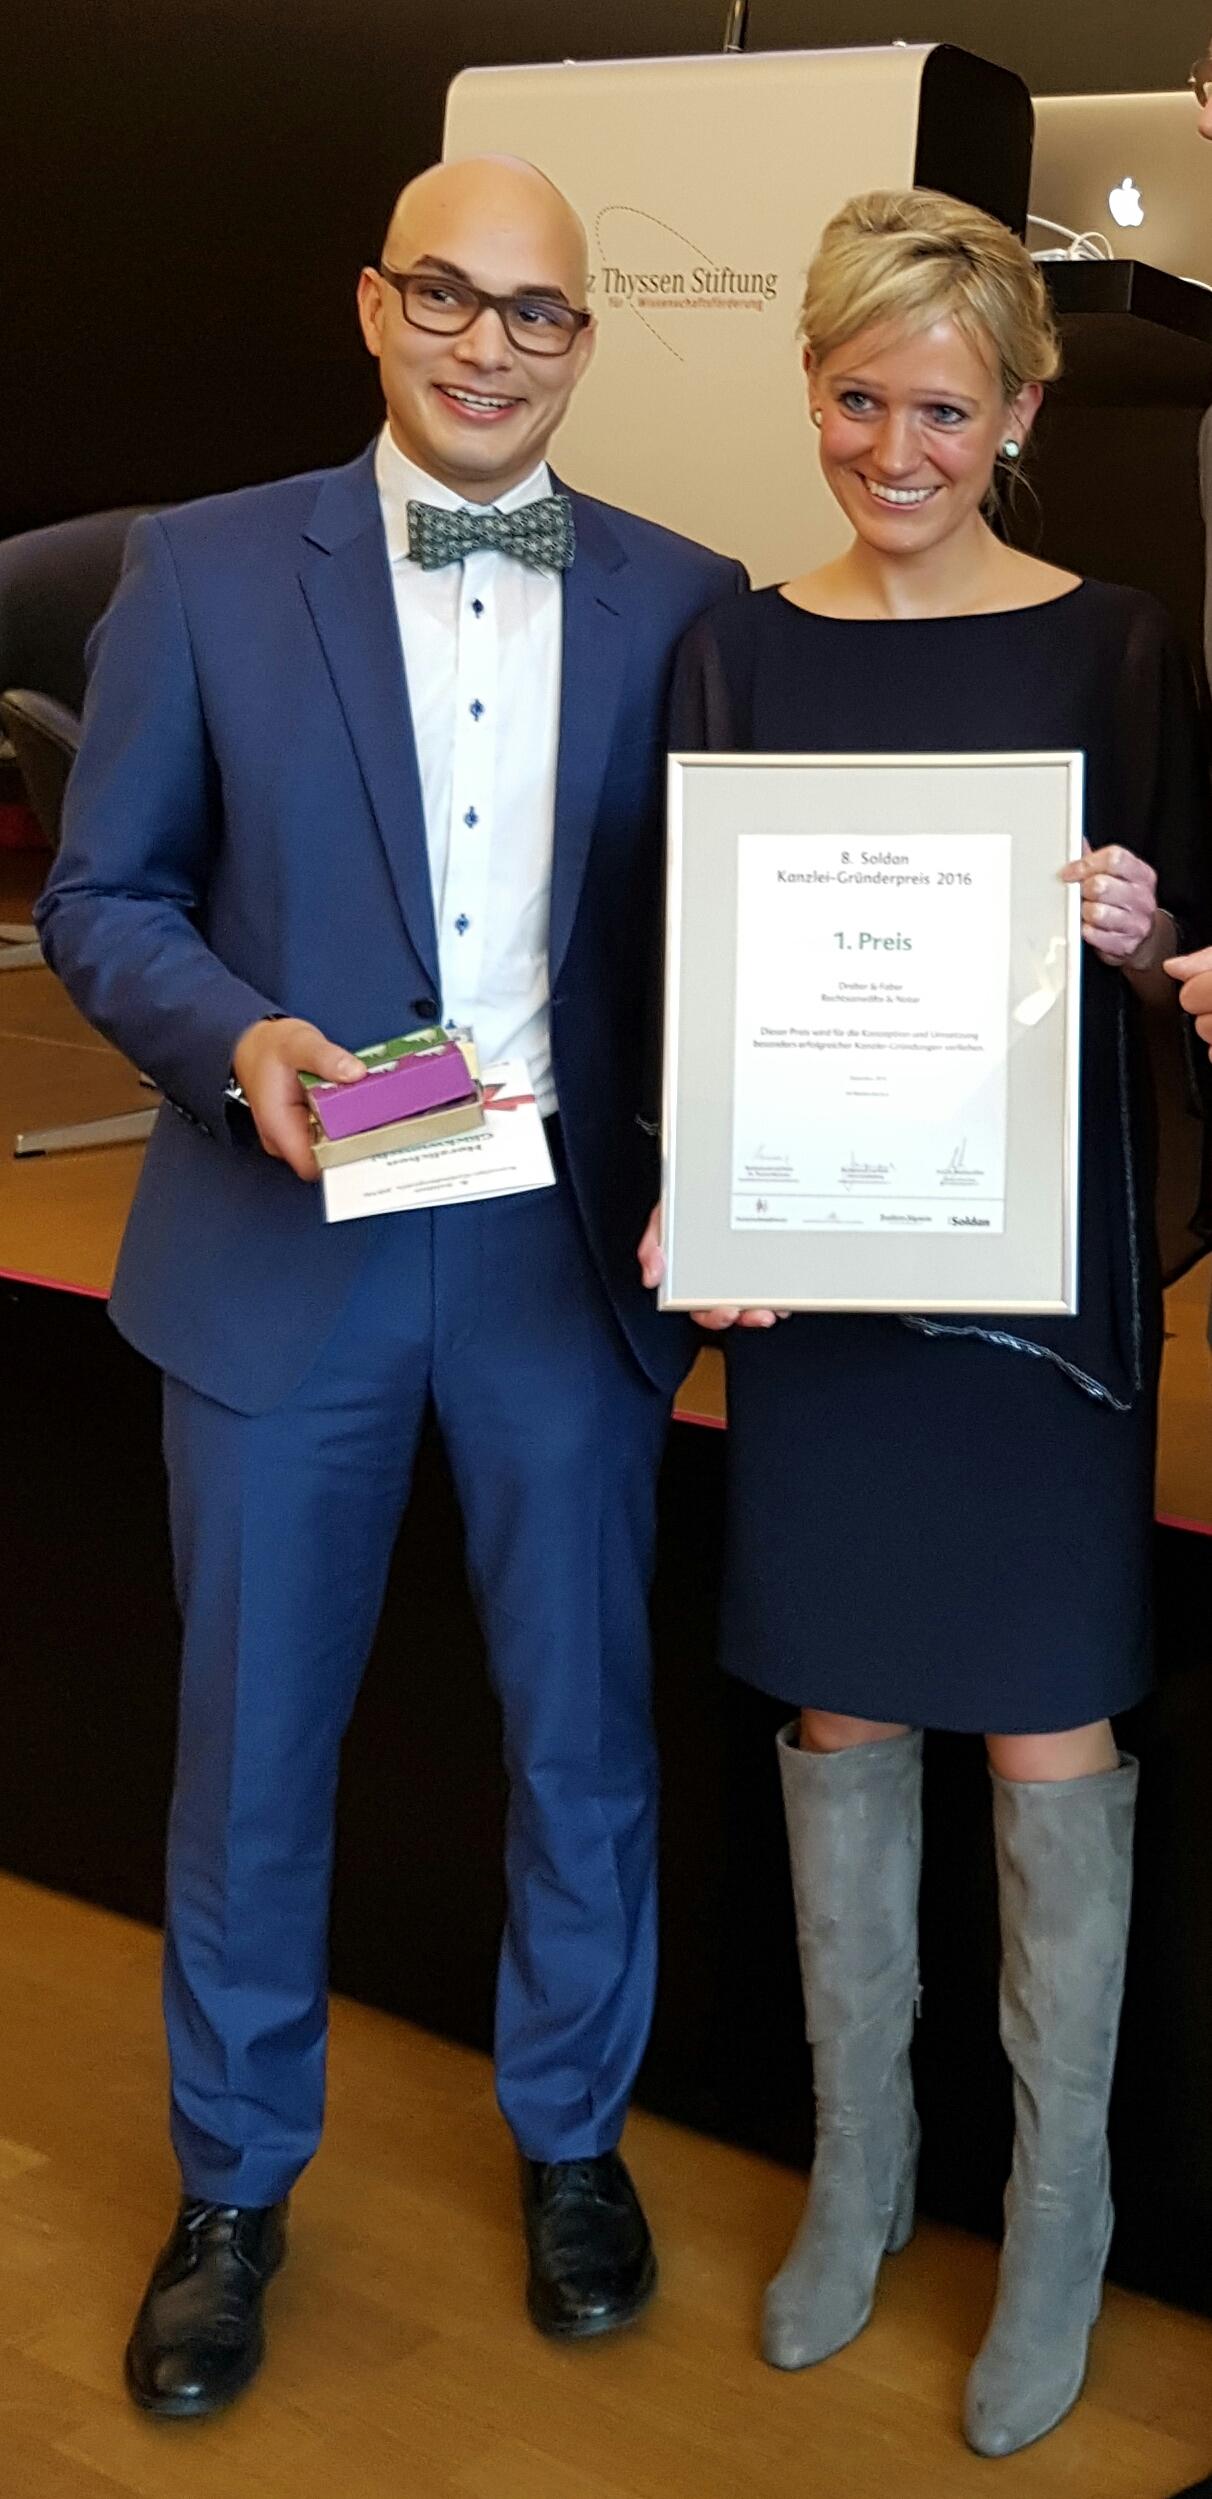 Rechtsanwältin Ann-Kathrin Dreber und Rechtsanwalt und Notar Dr. Kevin Faber